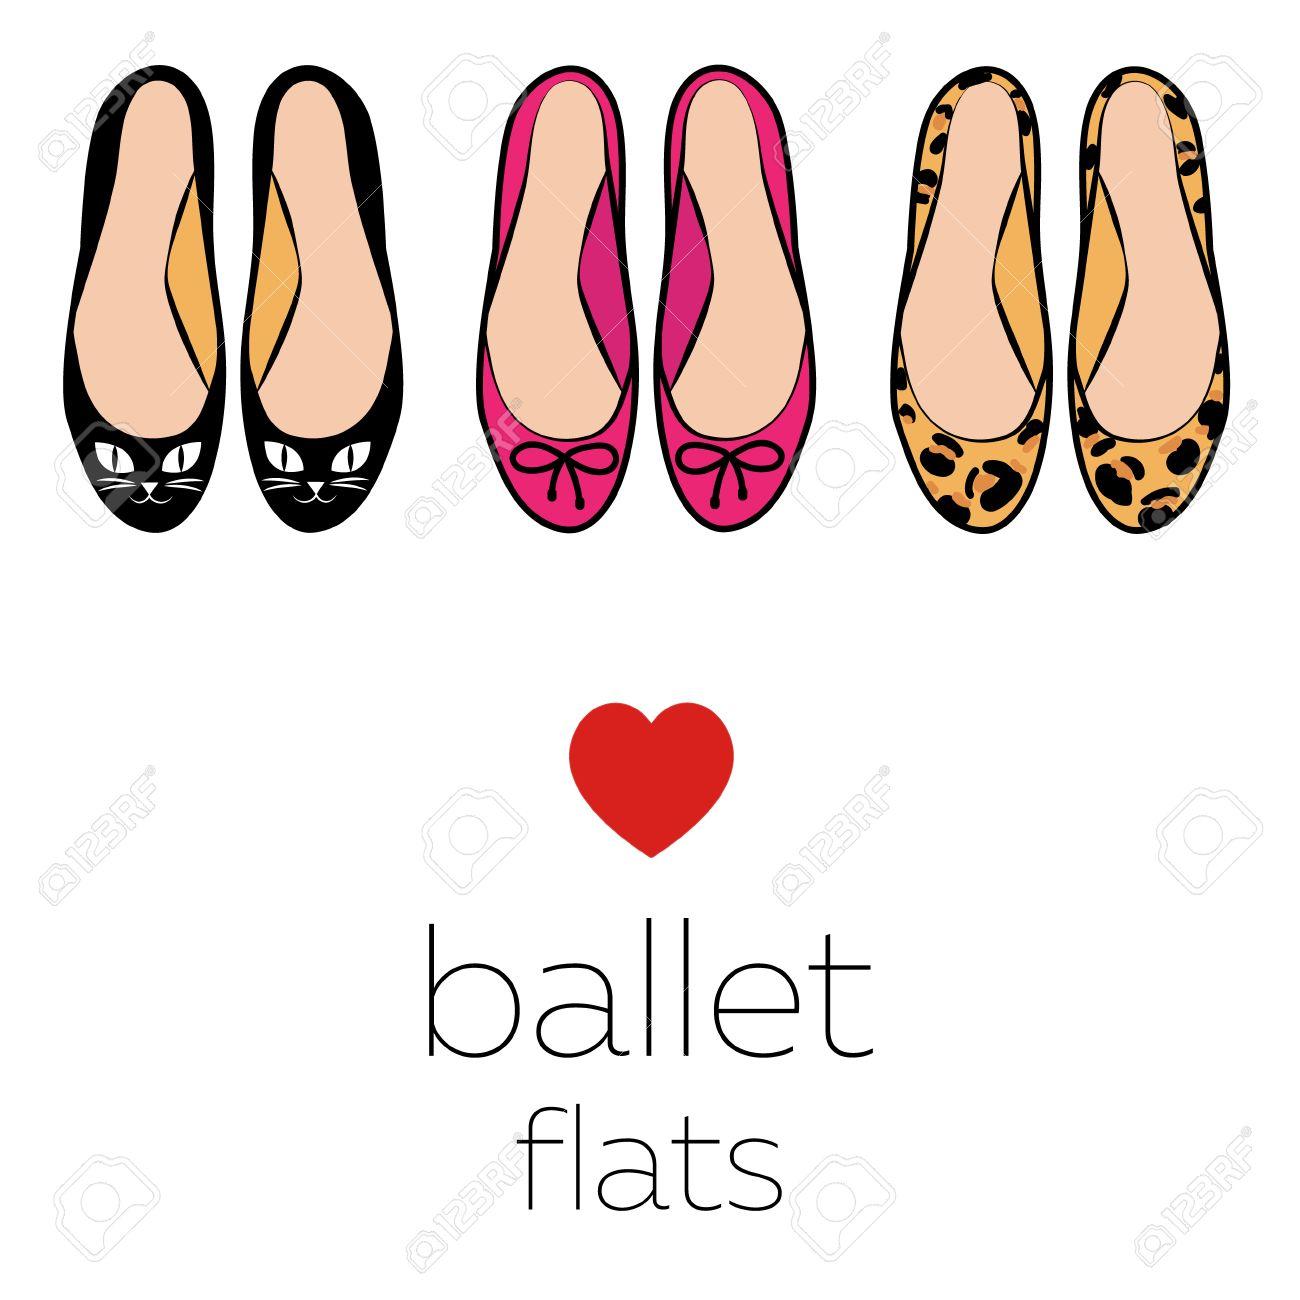 Ilustración conjunto de tres pares de zapatillas de ballet estilo de moda los zapatos de los gatos arcos del rosa del leopardo del color aislado en el